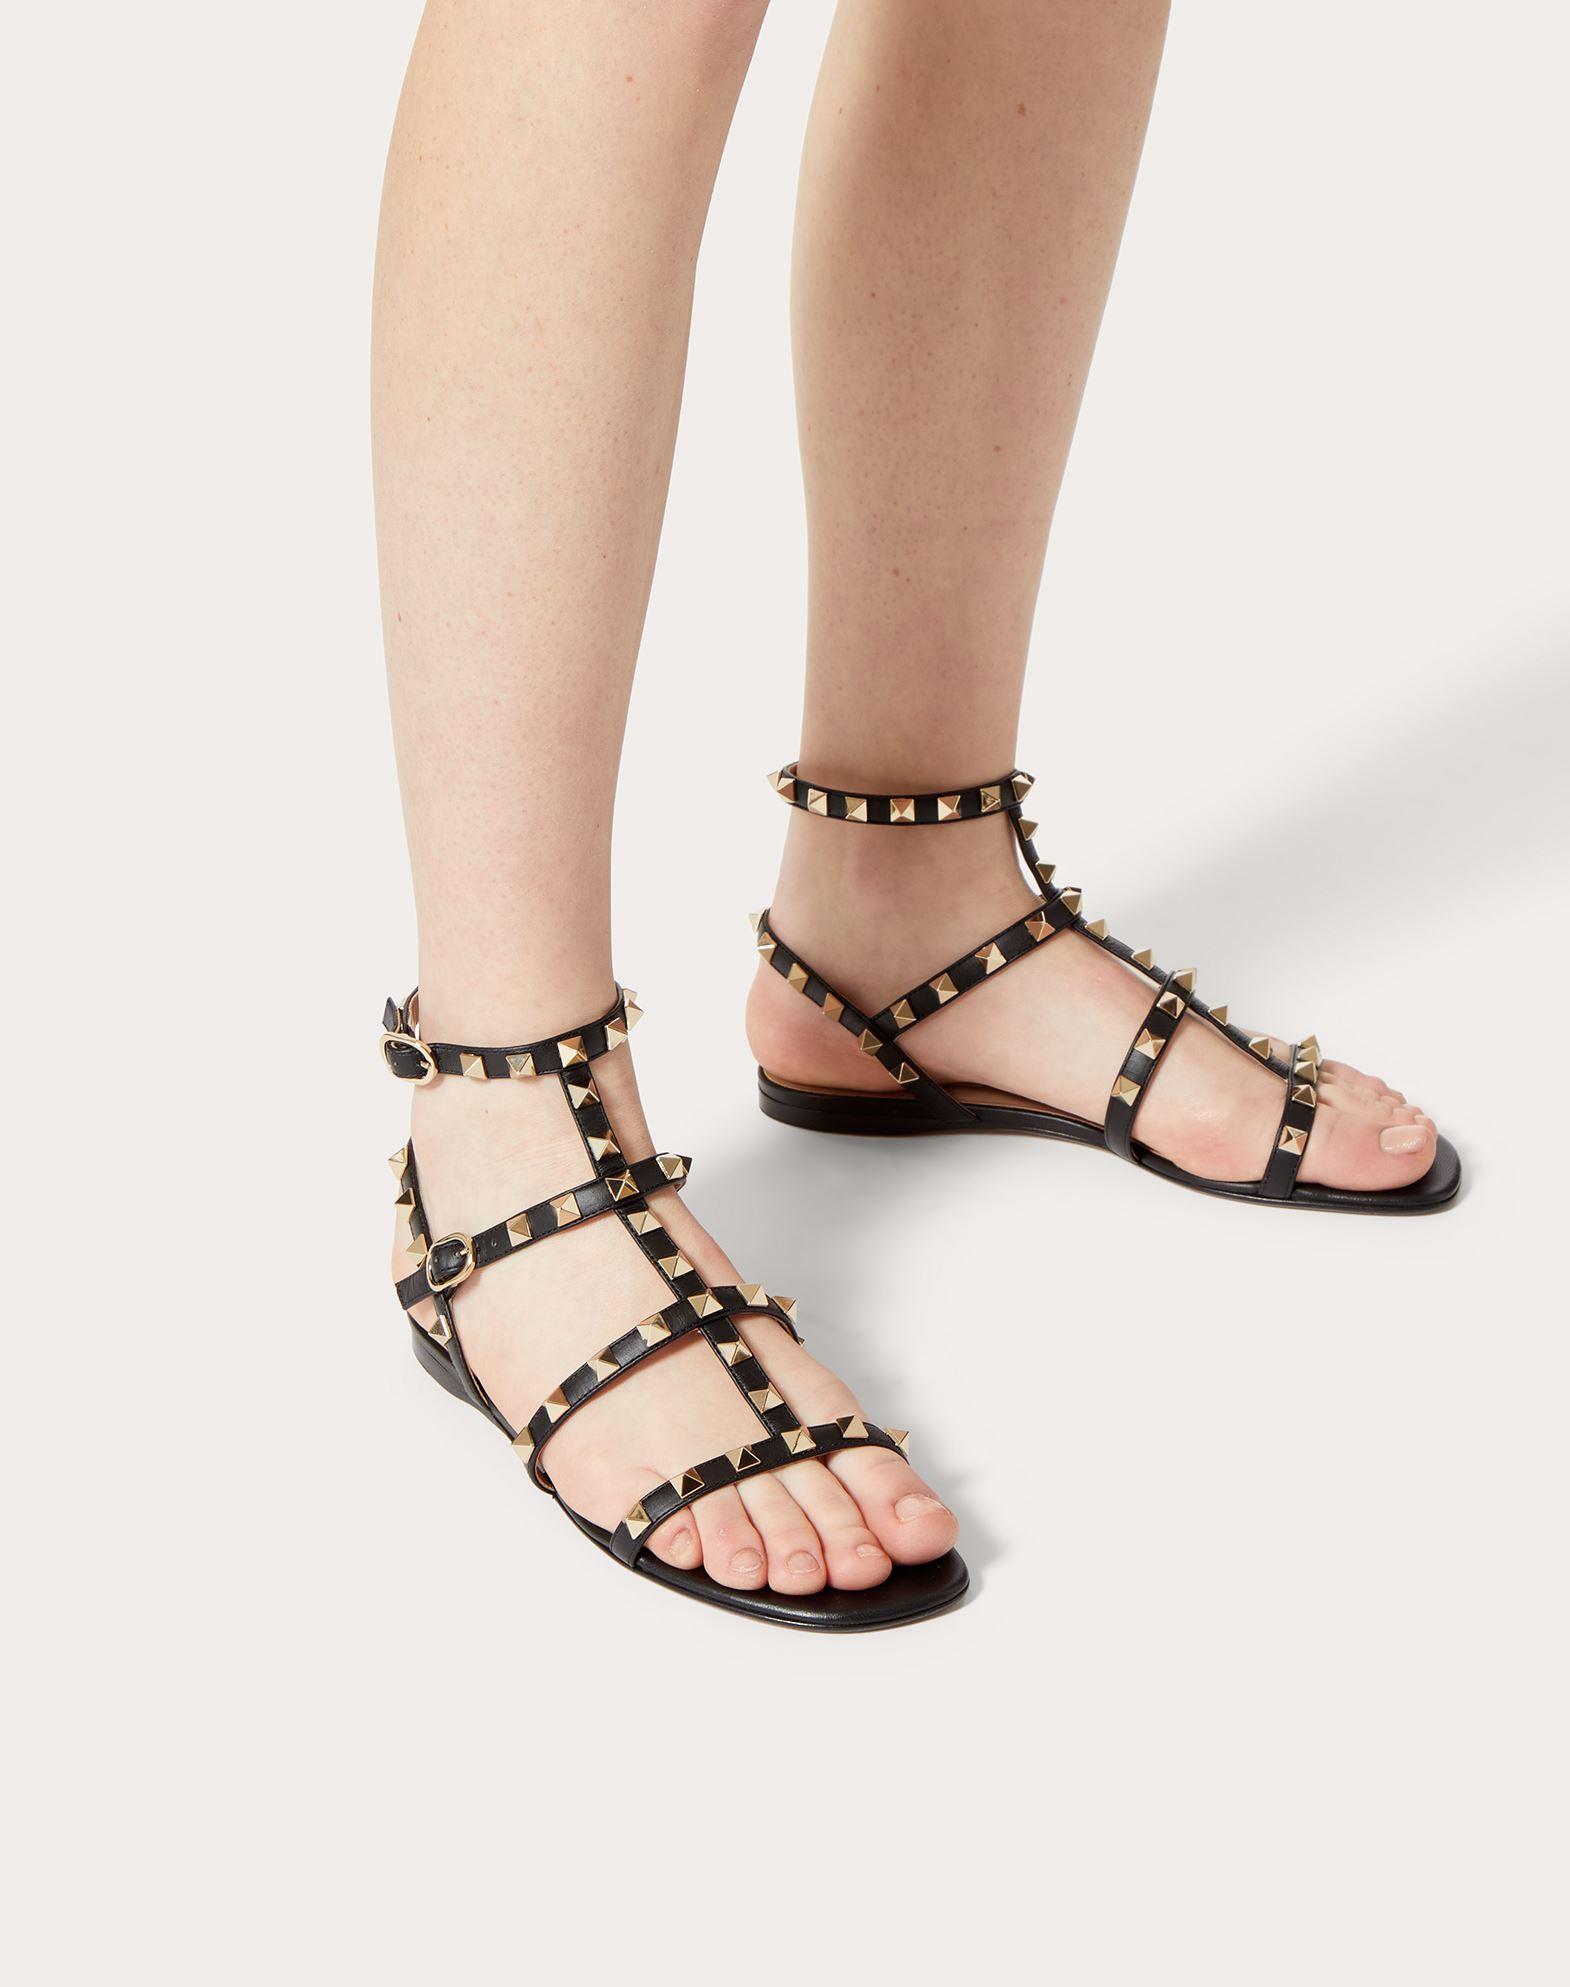 VALENTINO GARAVANI Rockstud Sandal FLAT SANDALS D b